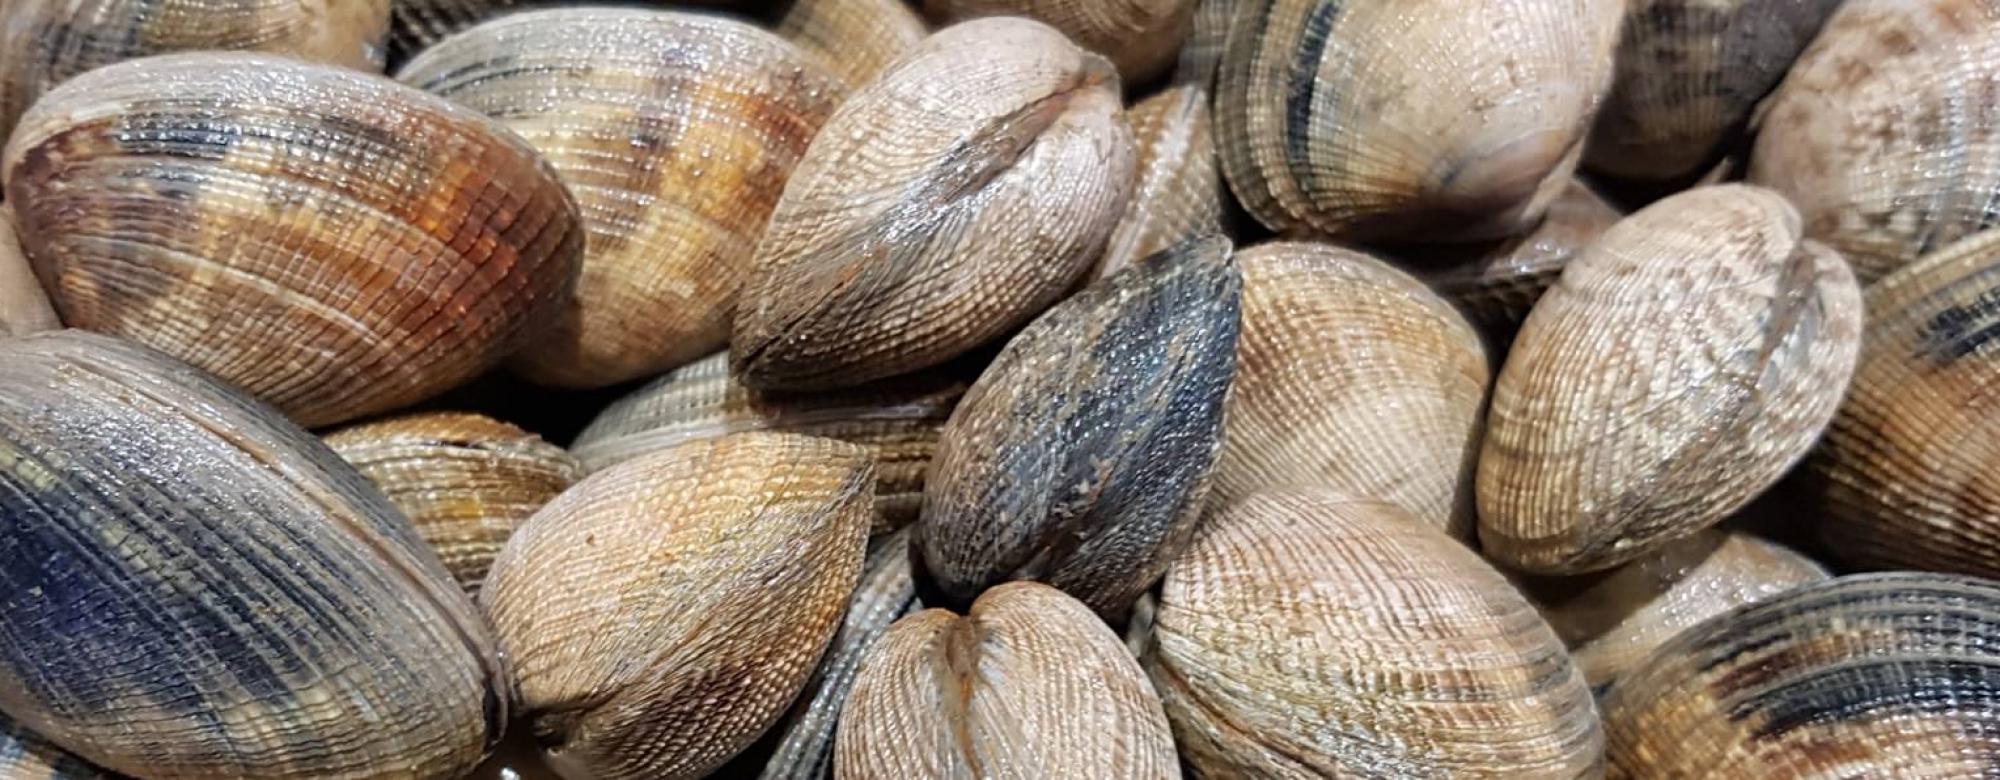 Pêche à pied dans la petite mer de Gâvres coquillage la palourde